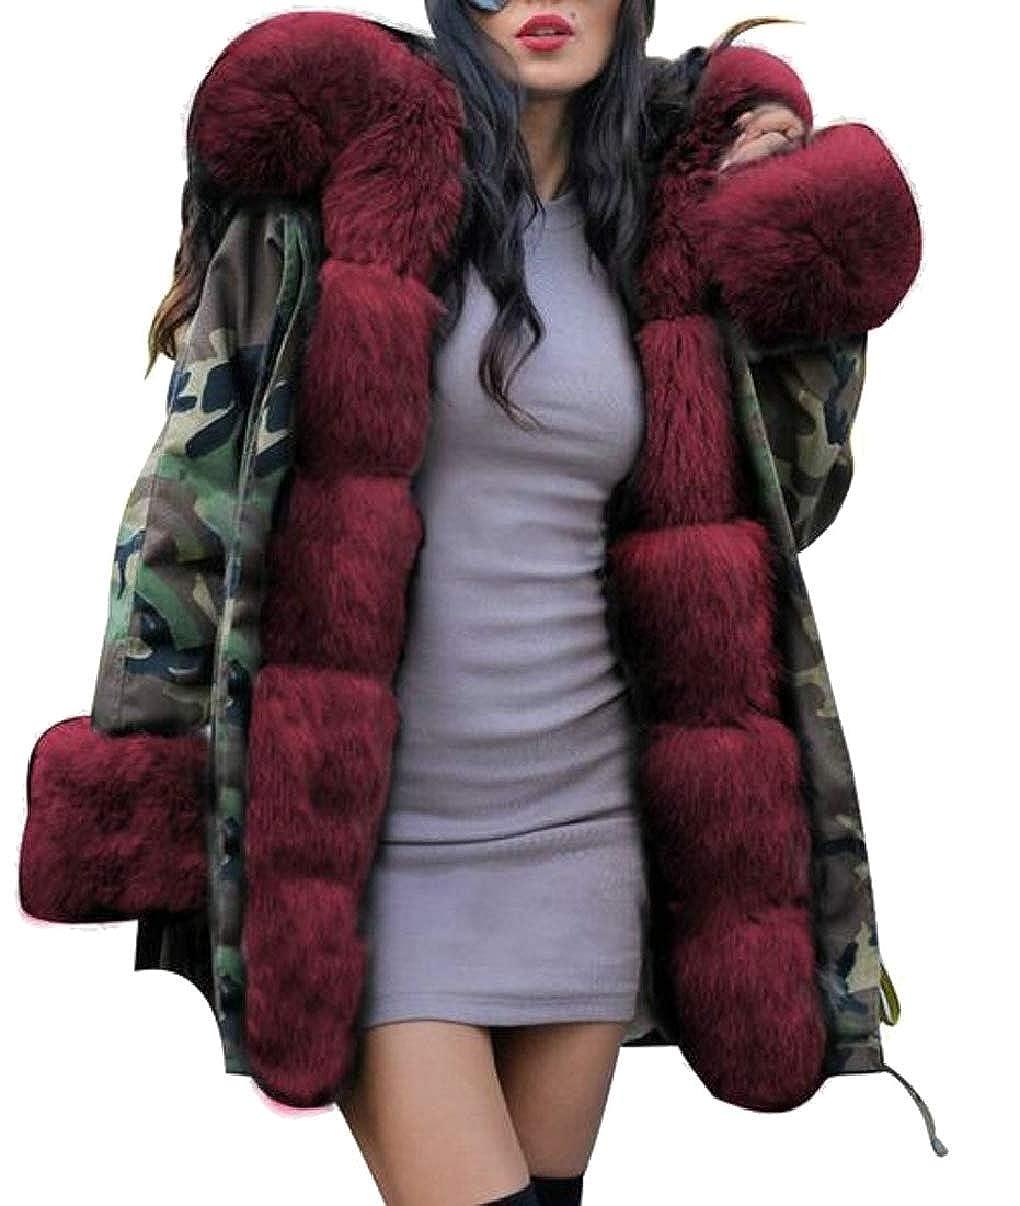 2 LEISHOP Women Winter Thicken Warm Hood Parka Overcoat Long Jacket Outwear